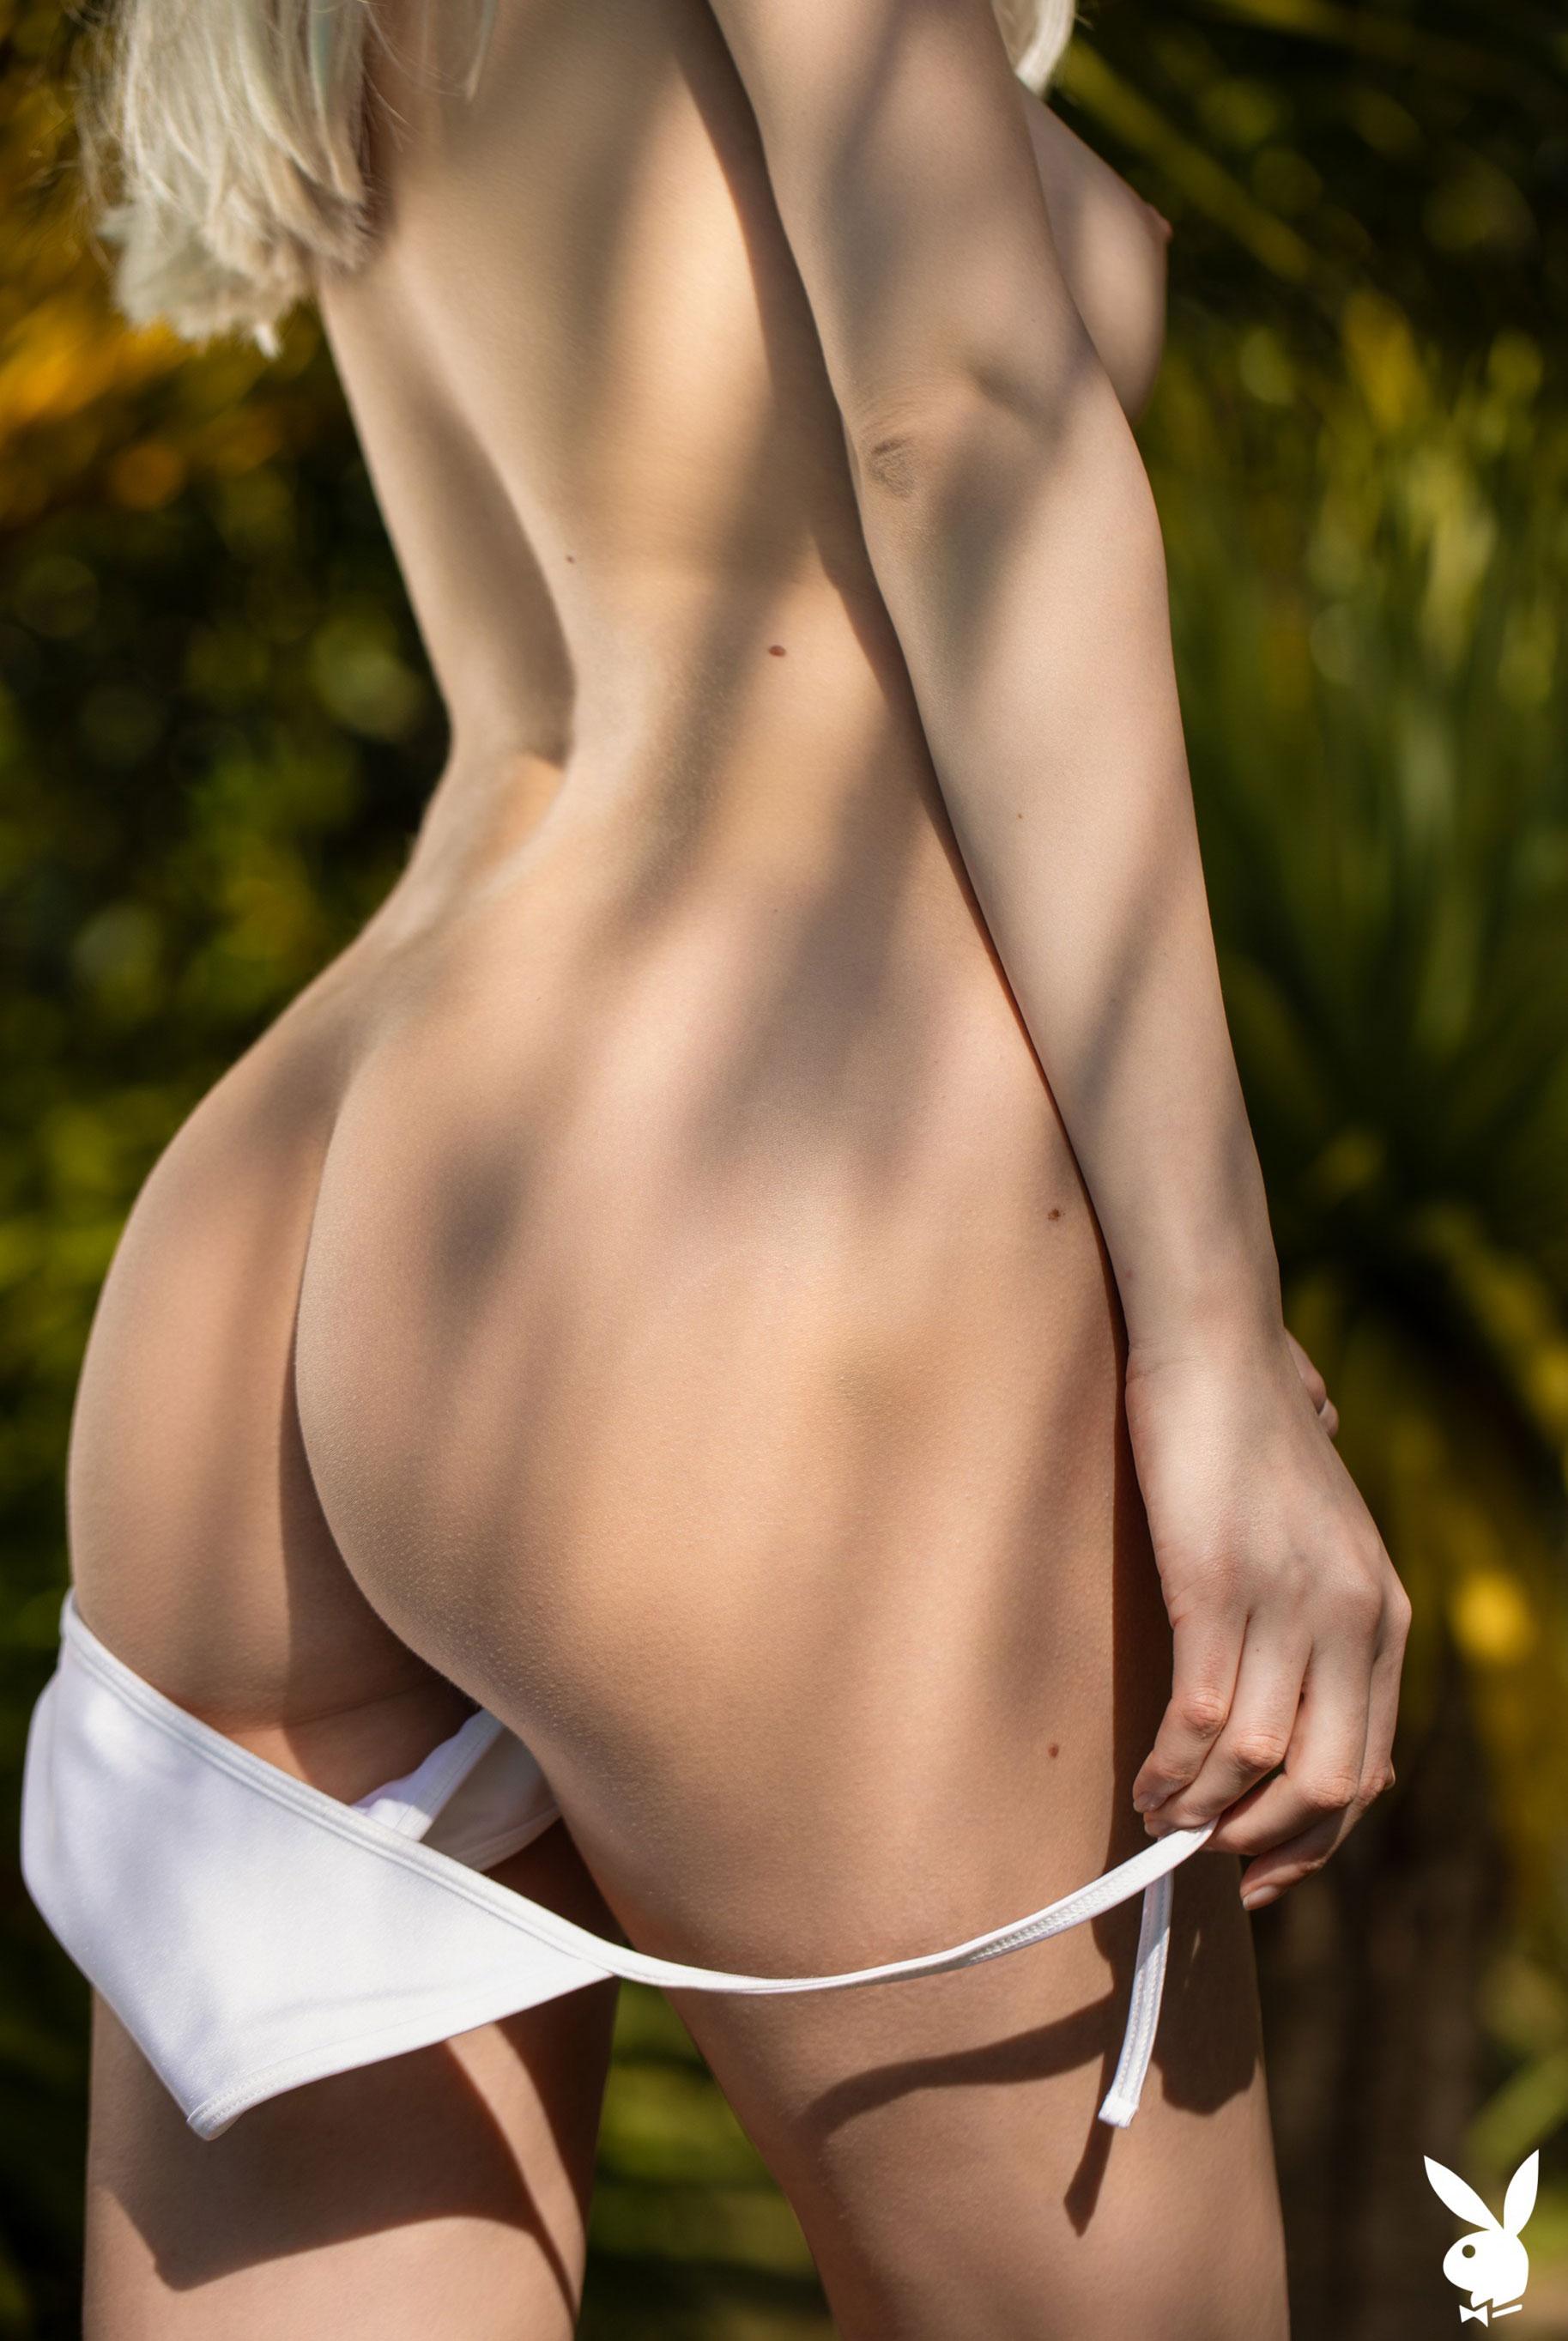 Сексуальная и голая Моника Васп в окружении тропических растений / фото 14